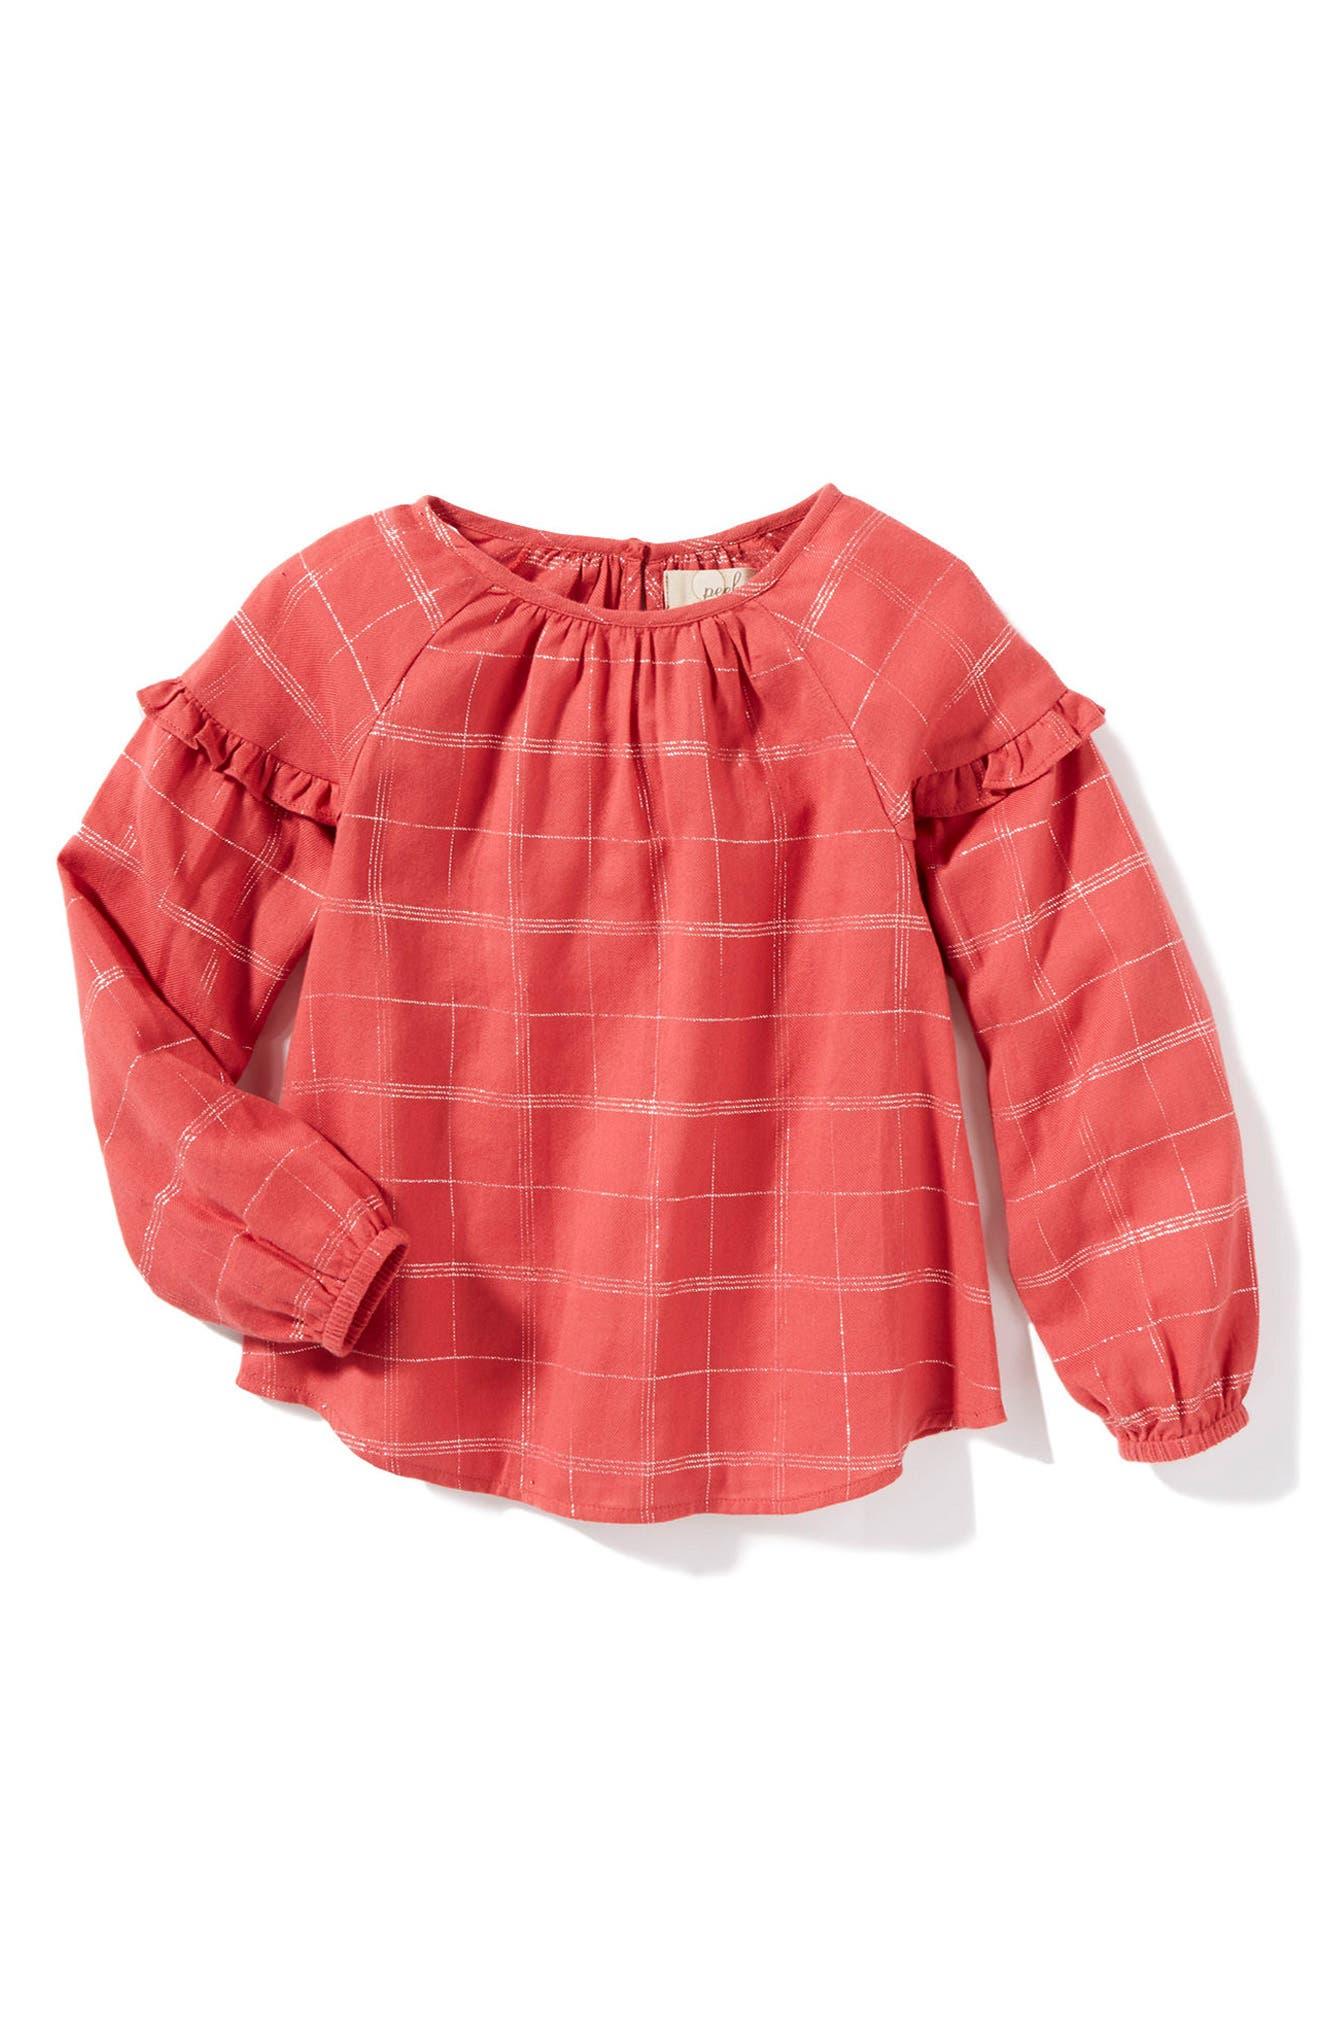 Alternate Image 1 Selected - Peek Bita Woven Top (Toddler Girls, Little Girls & Big Girls)